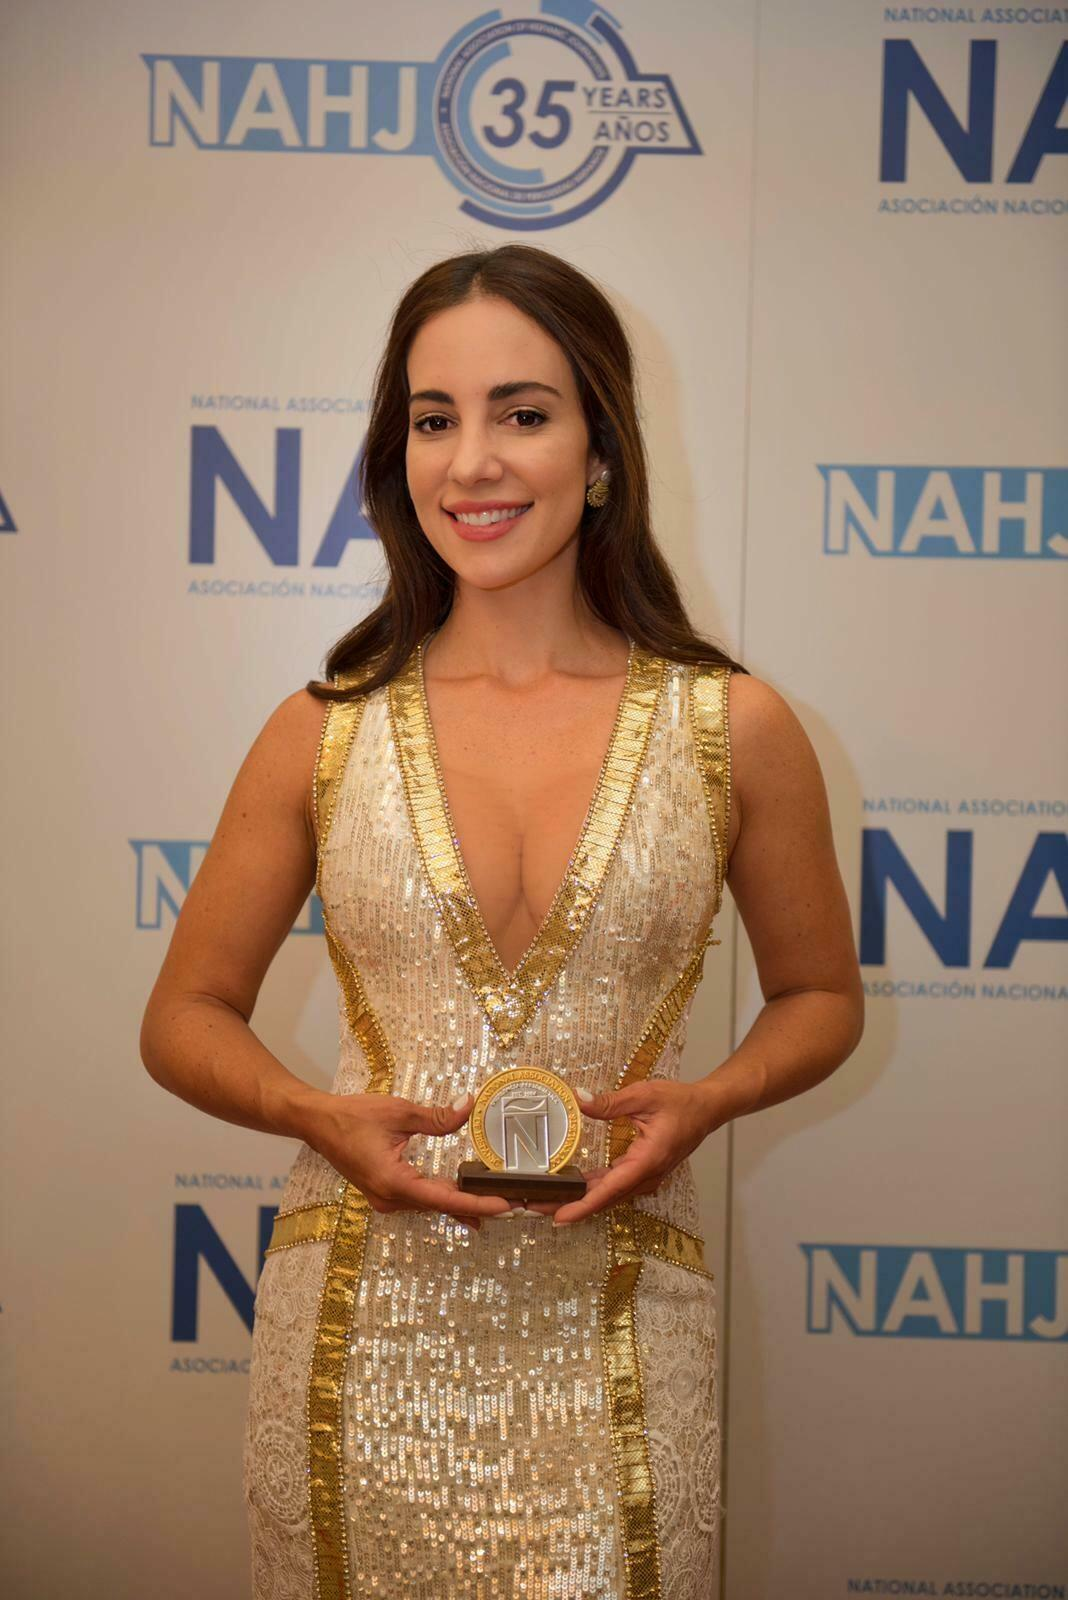 La periodista y escritora venezolana, Mariana Atencio, recibiendo el Premio Presidencial NAHJ. Texas, Estados Unidos, septiembre de 2019.